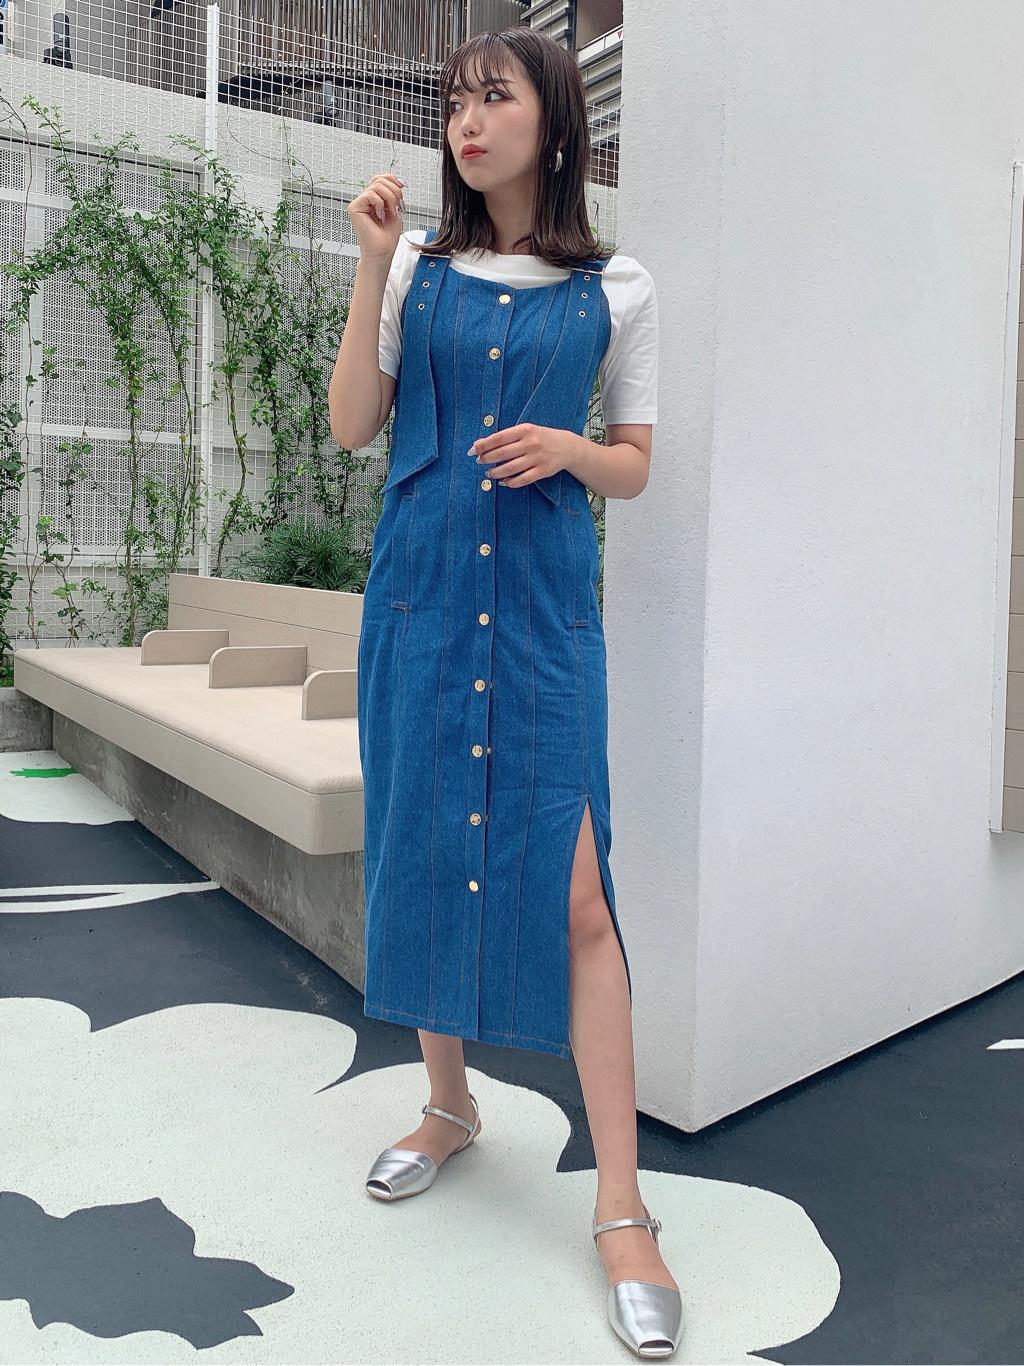 山岸小桜(165cm)